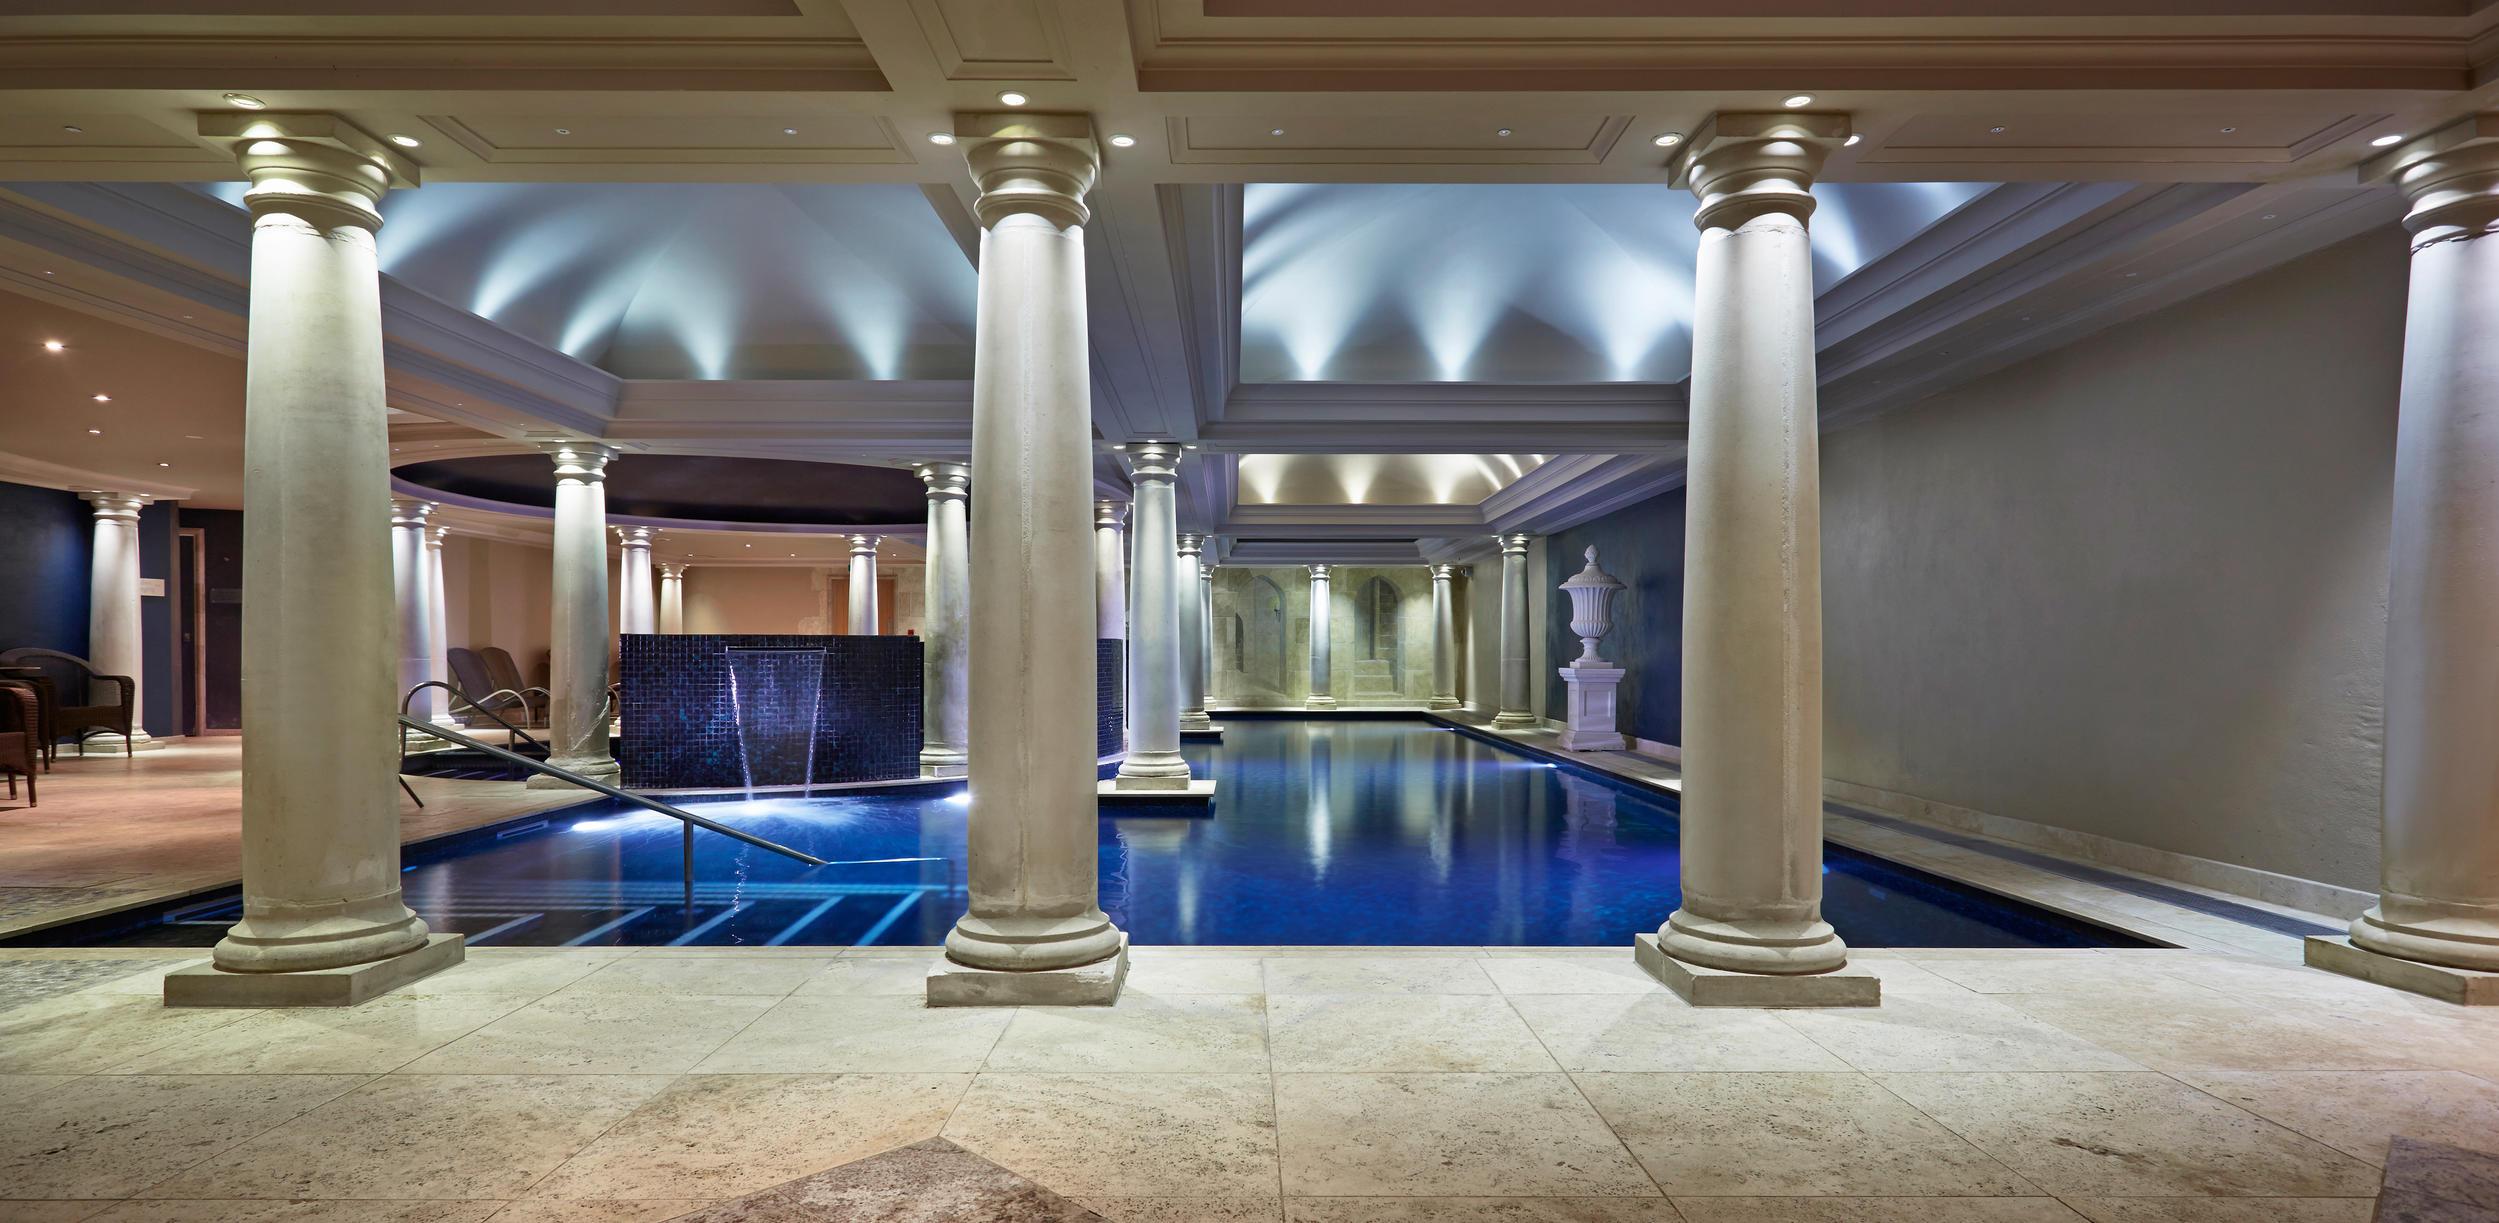 Alexander House Utopia Spa Pool.jpg